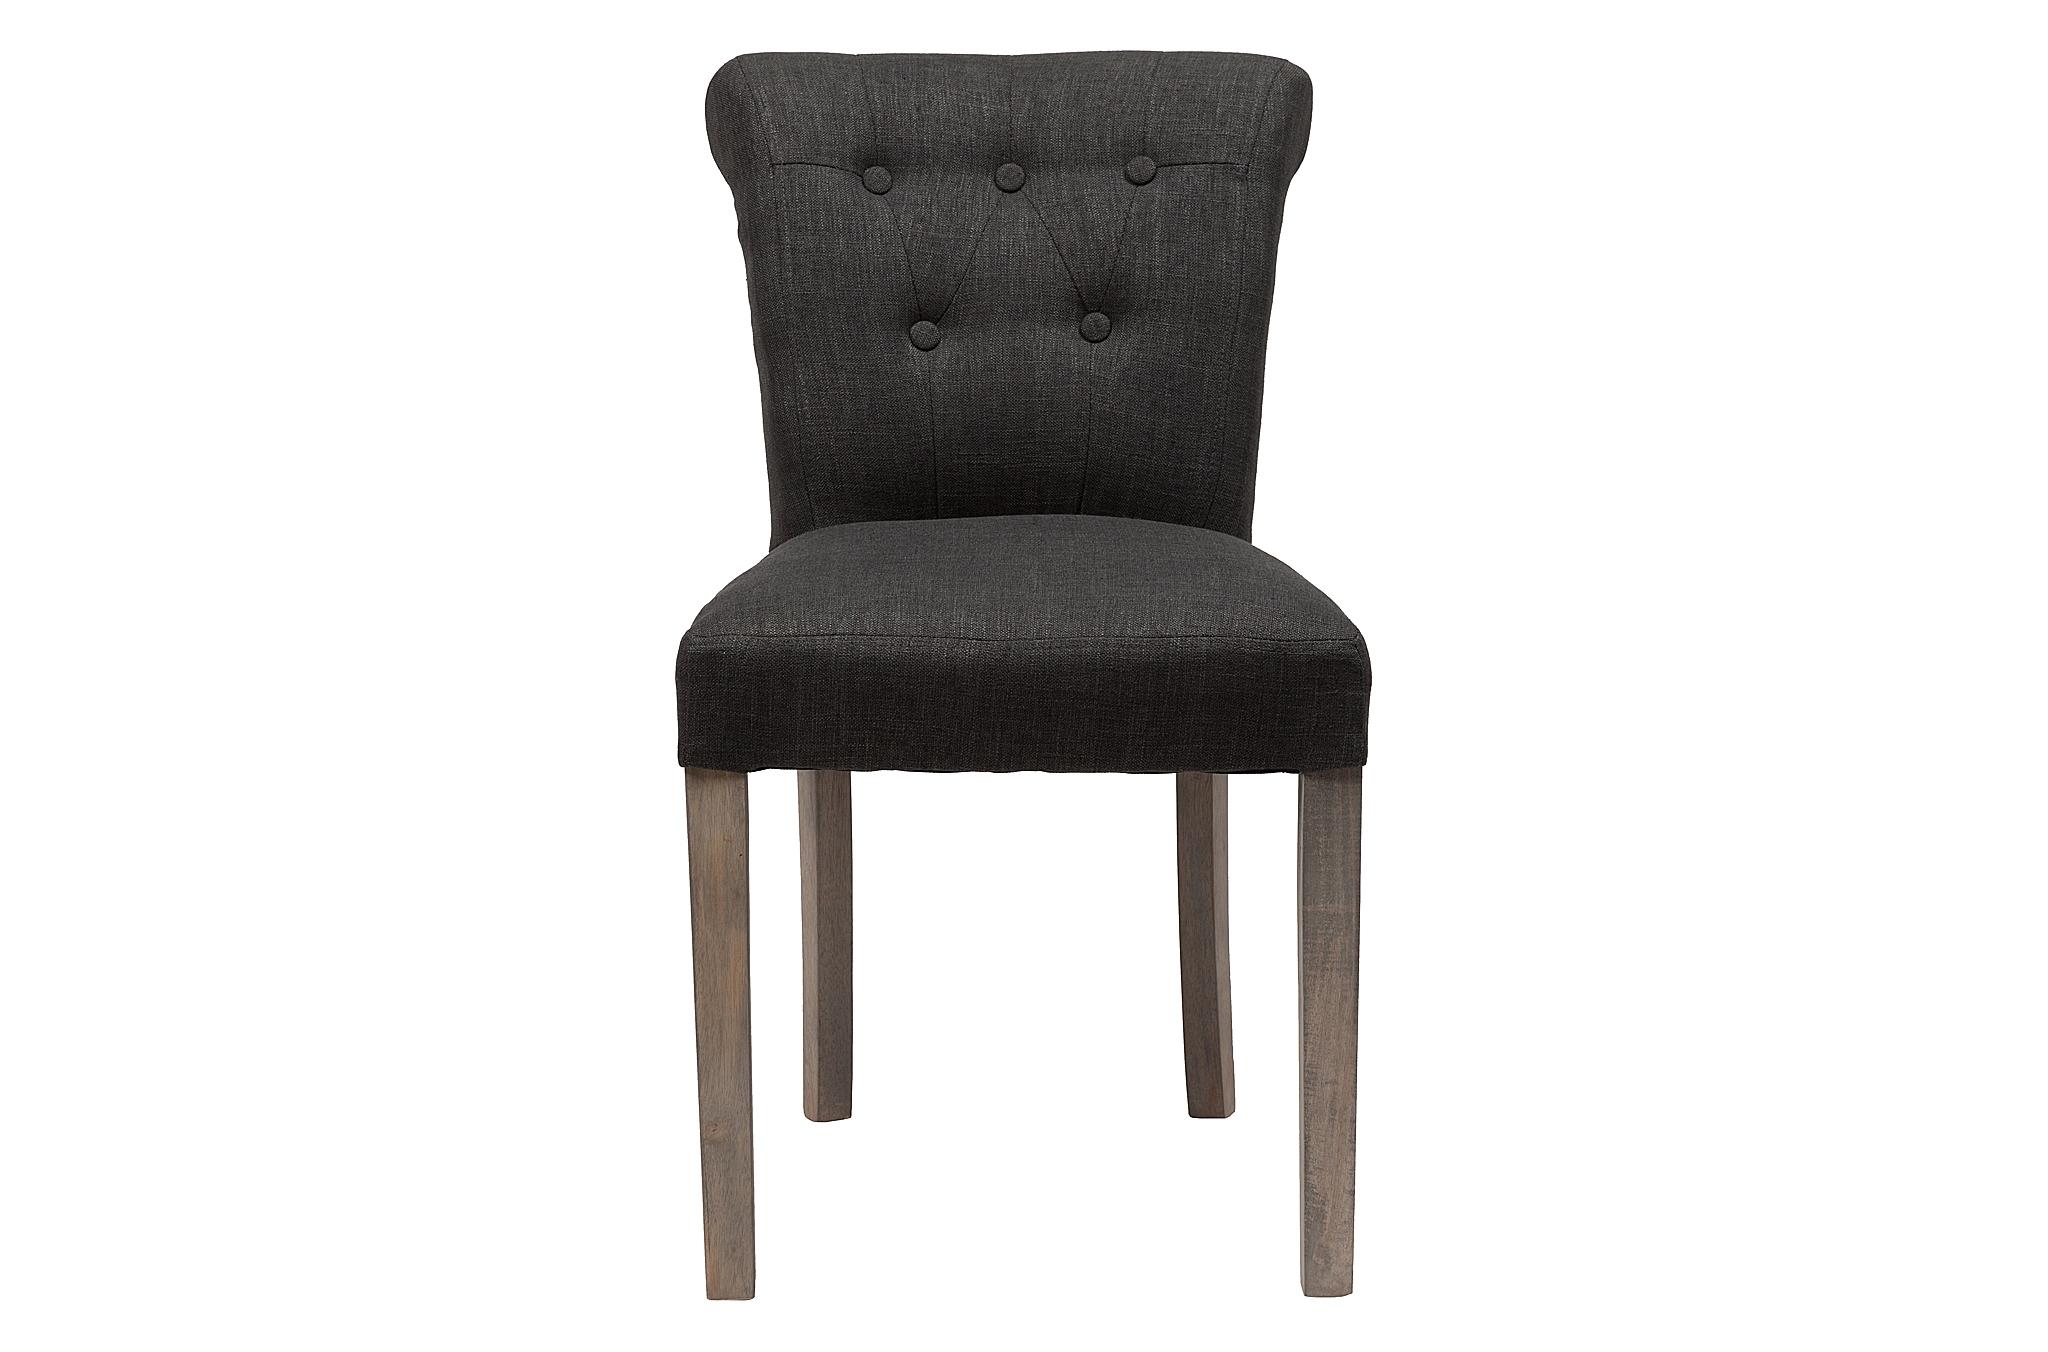 Стул BensonОбеденные стулья<br>Роскошь классического французского стиля в оформлении стула &amp;quot;Benson&amp;quot; обретает абсолютно неожиданное воплощение. Разбавленная нарочитой простотой прованса, она становится сдержанной и романтичной. Лишь кокетливо отогнутая назад спинка, несколько мебельных пуговиц и стройные ножки напоминают о величии дизайна-вдохновителя. В льняной отделке эти детали выглядят более сдержанными и начисто лишаются помпезности.<br><br>Material: Лен<br>Ширина см: 62<br>Высота см: 83